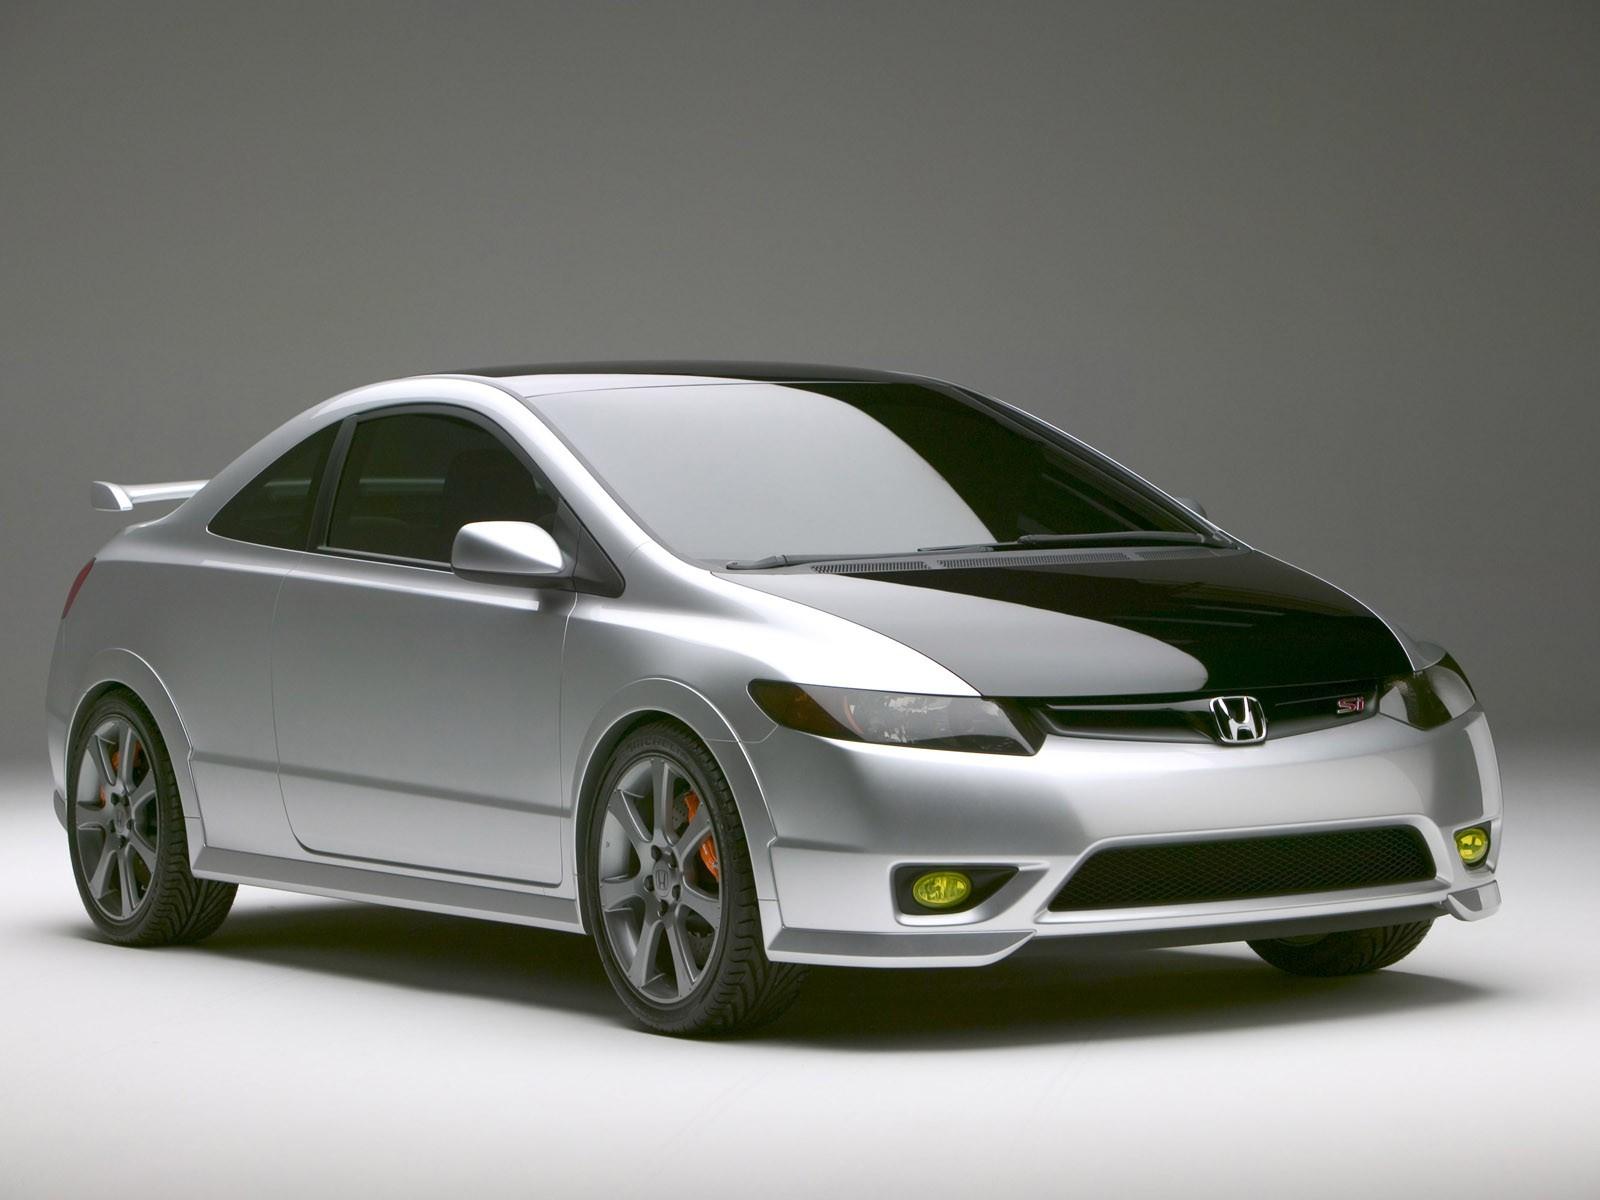 Honda civic 2005 ~ Auto Car